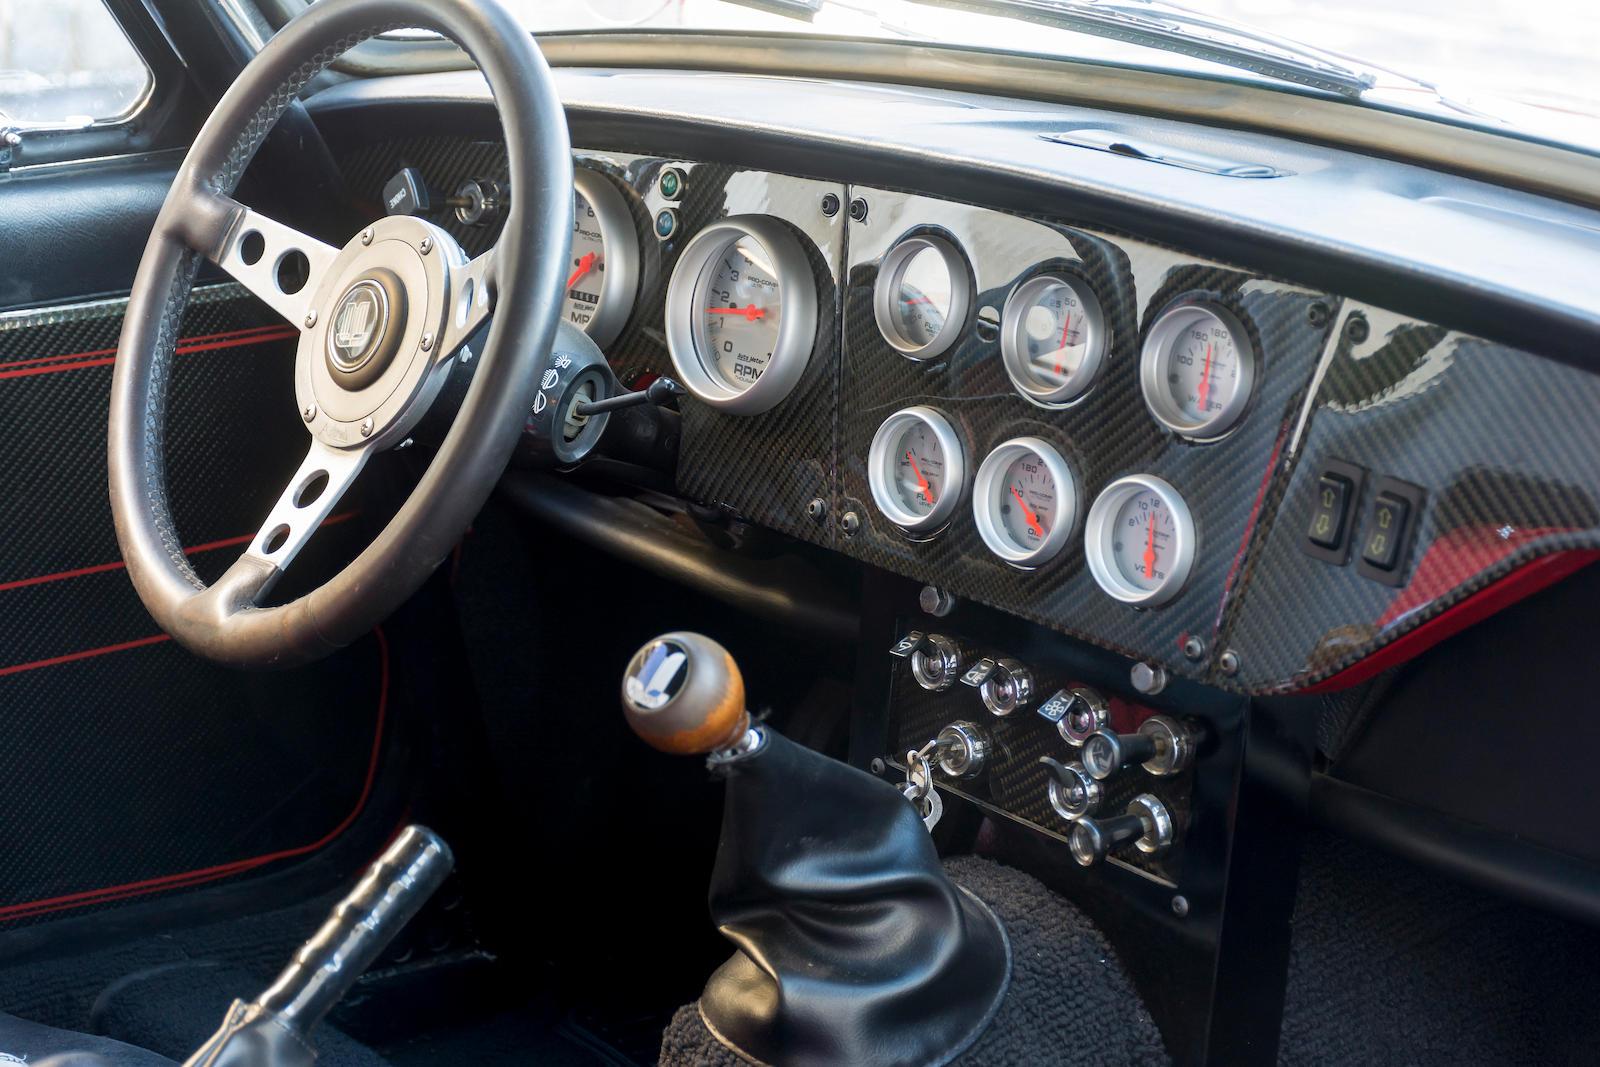 1967 Triumph GT6 Mk I Coupe interior